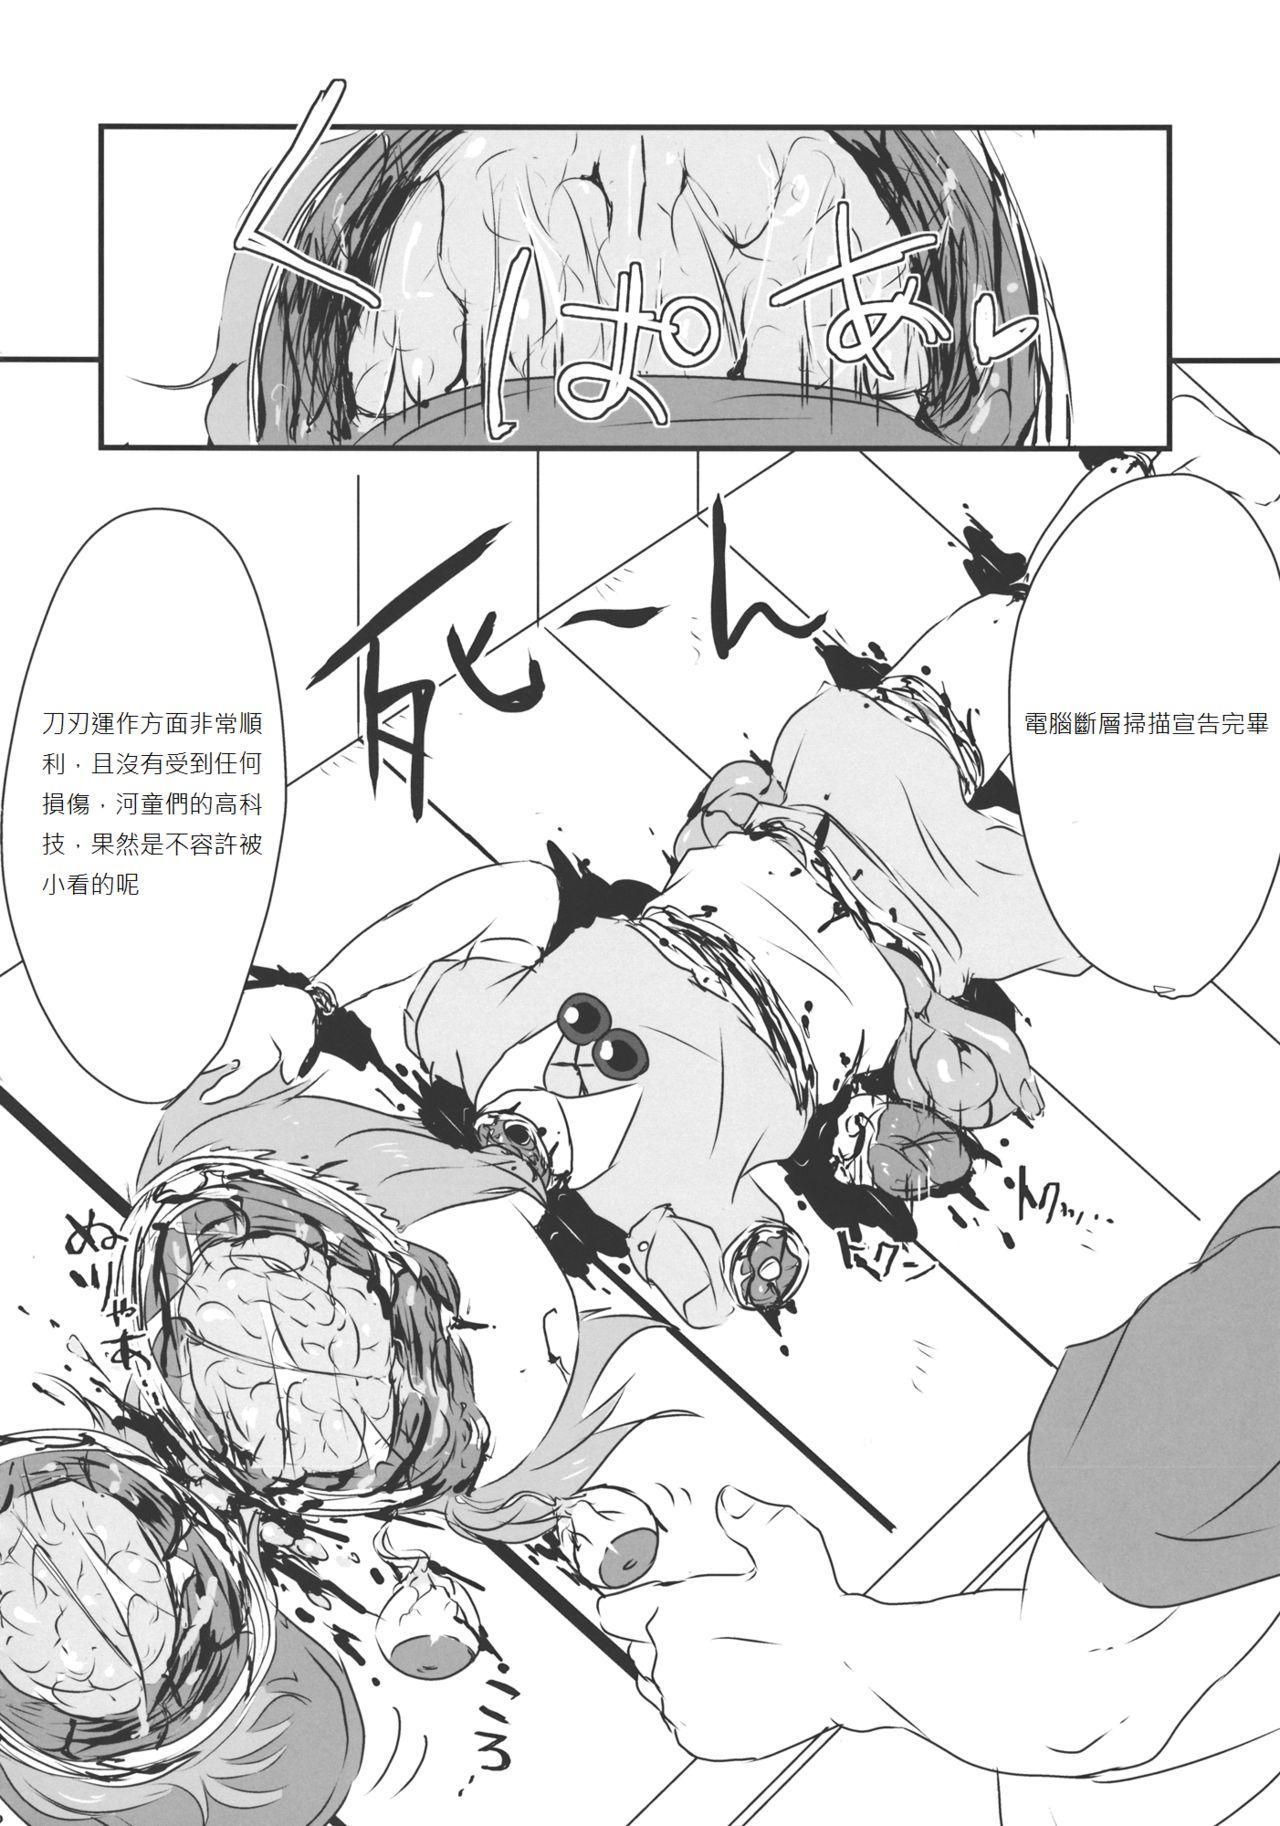 (Kouroumu 9) [02 (Harasaki)] (Kojin Satsuei)(Touhou)(Kouroumu 9)[02] Touhou snuff vol.3 Kawashiro Nitori (Mushuusei) (Loli-kei Youjo no Kirei na Hadaka wo Suki Houdai shichai mashita!).avi (Touhou Project) [Chinese] [布洛基个人汉化] 22